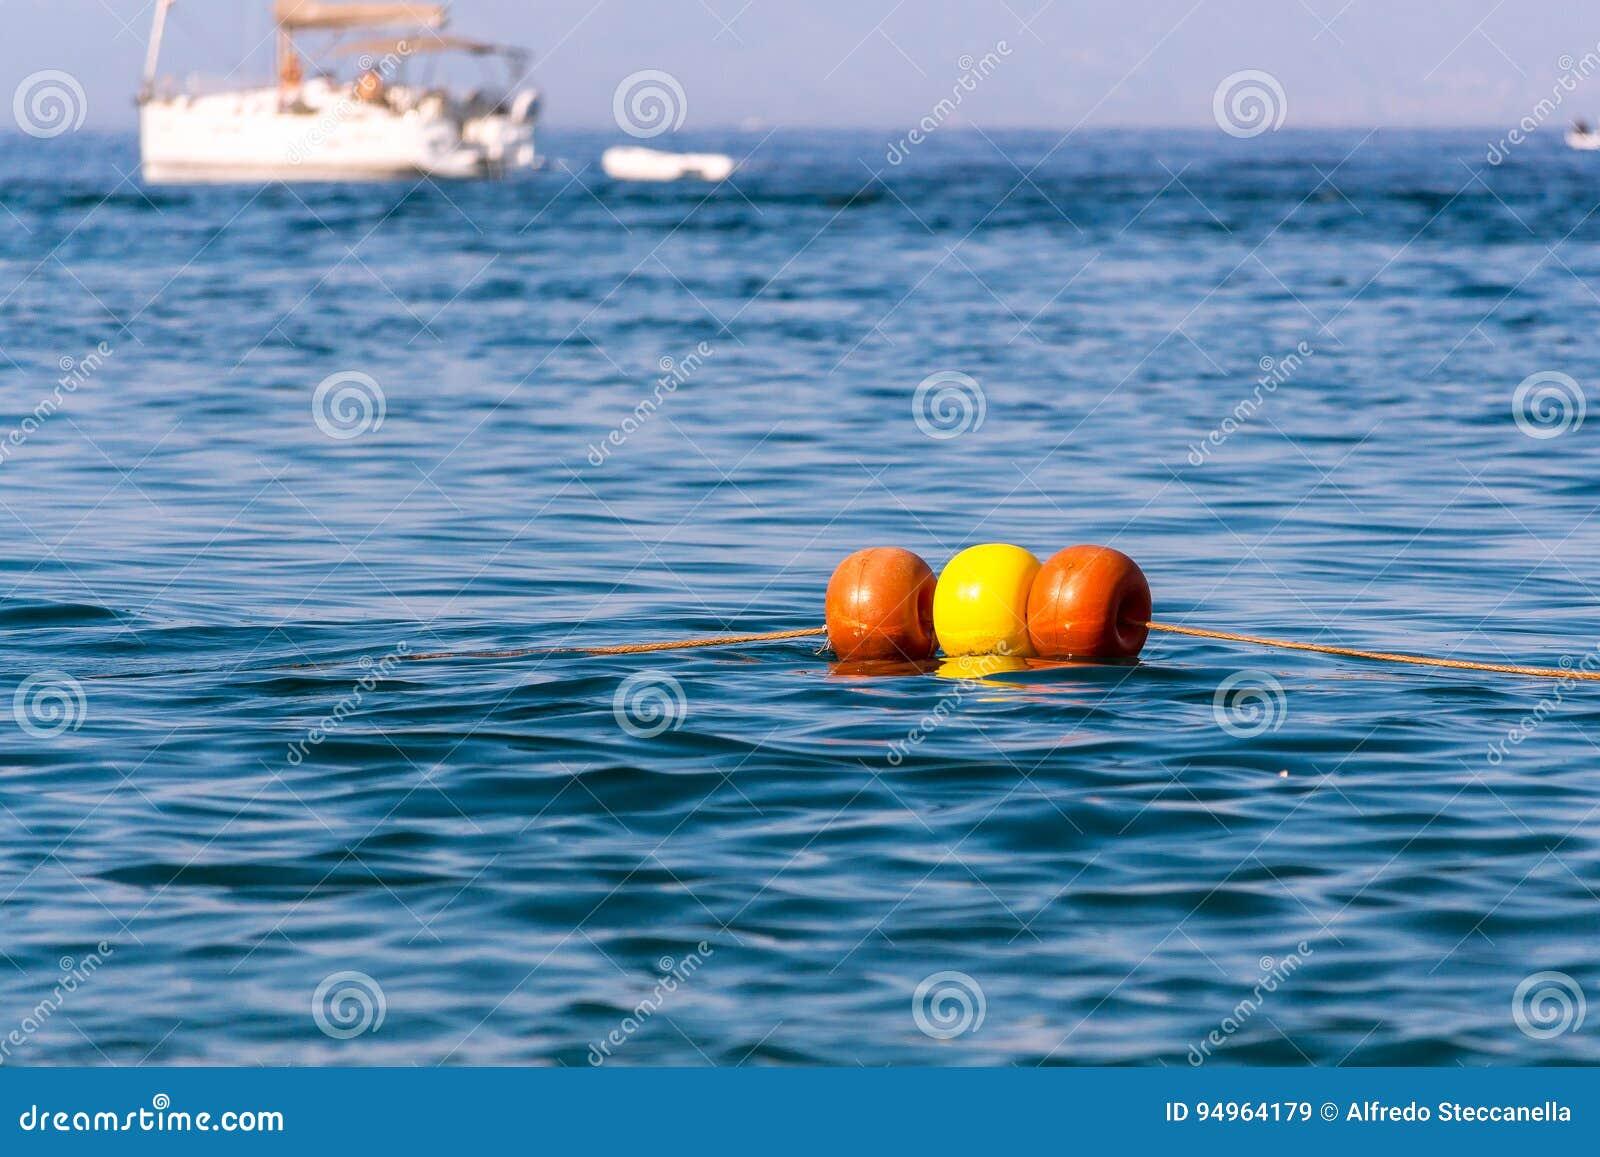 Die Boje im Meer